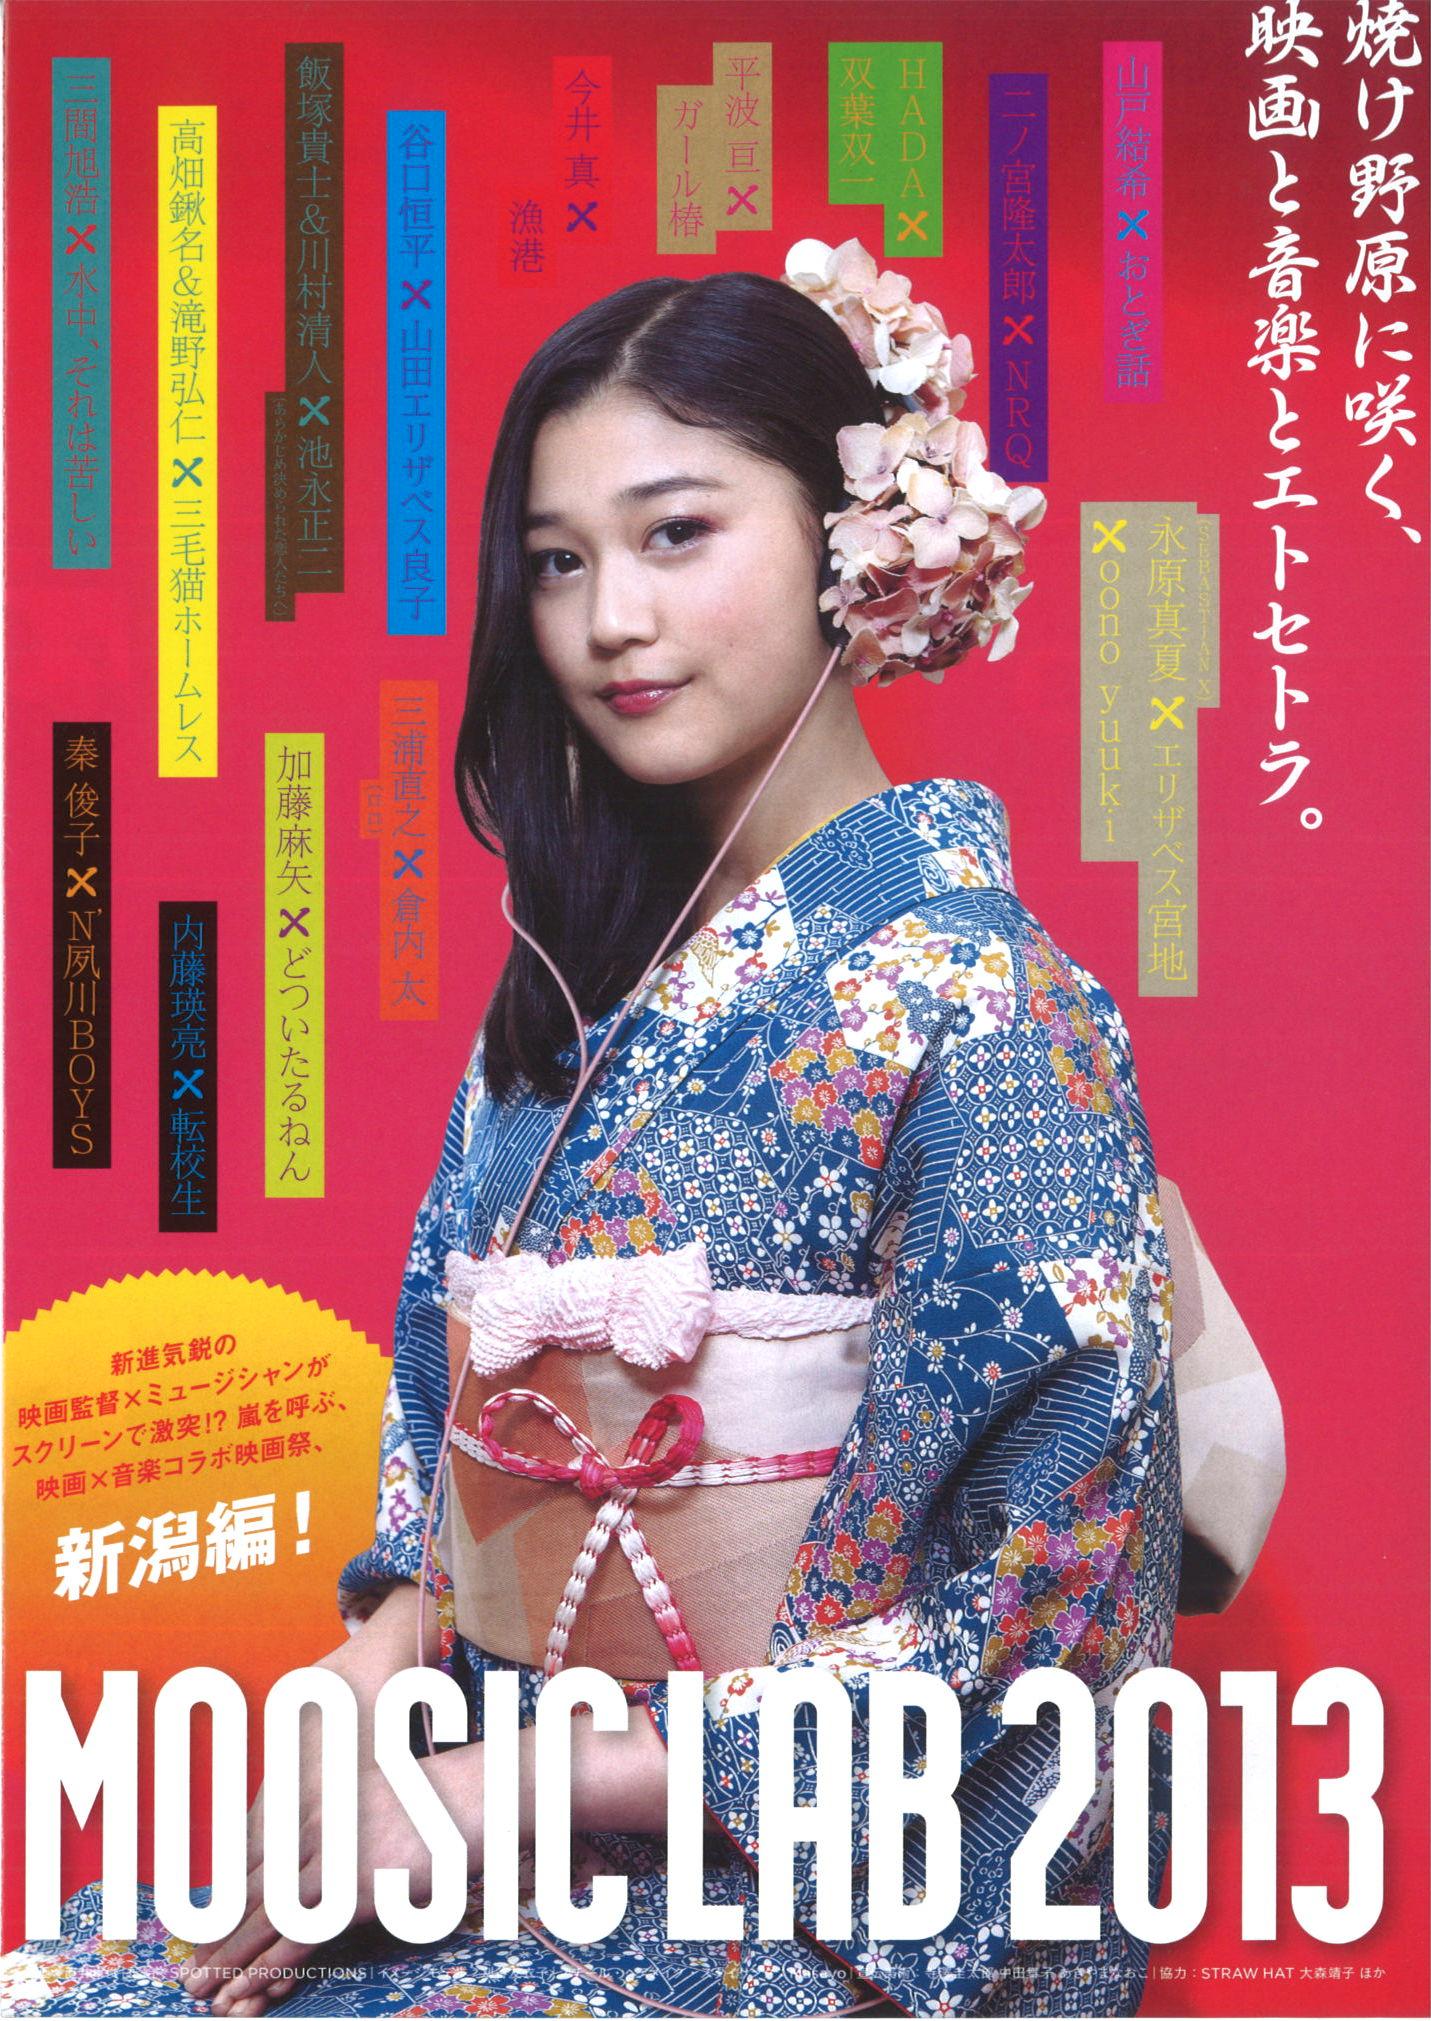 10/13(日) MOOSIC LAB 2013 前田多美さん舞台あいさつ